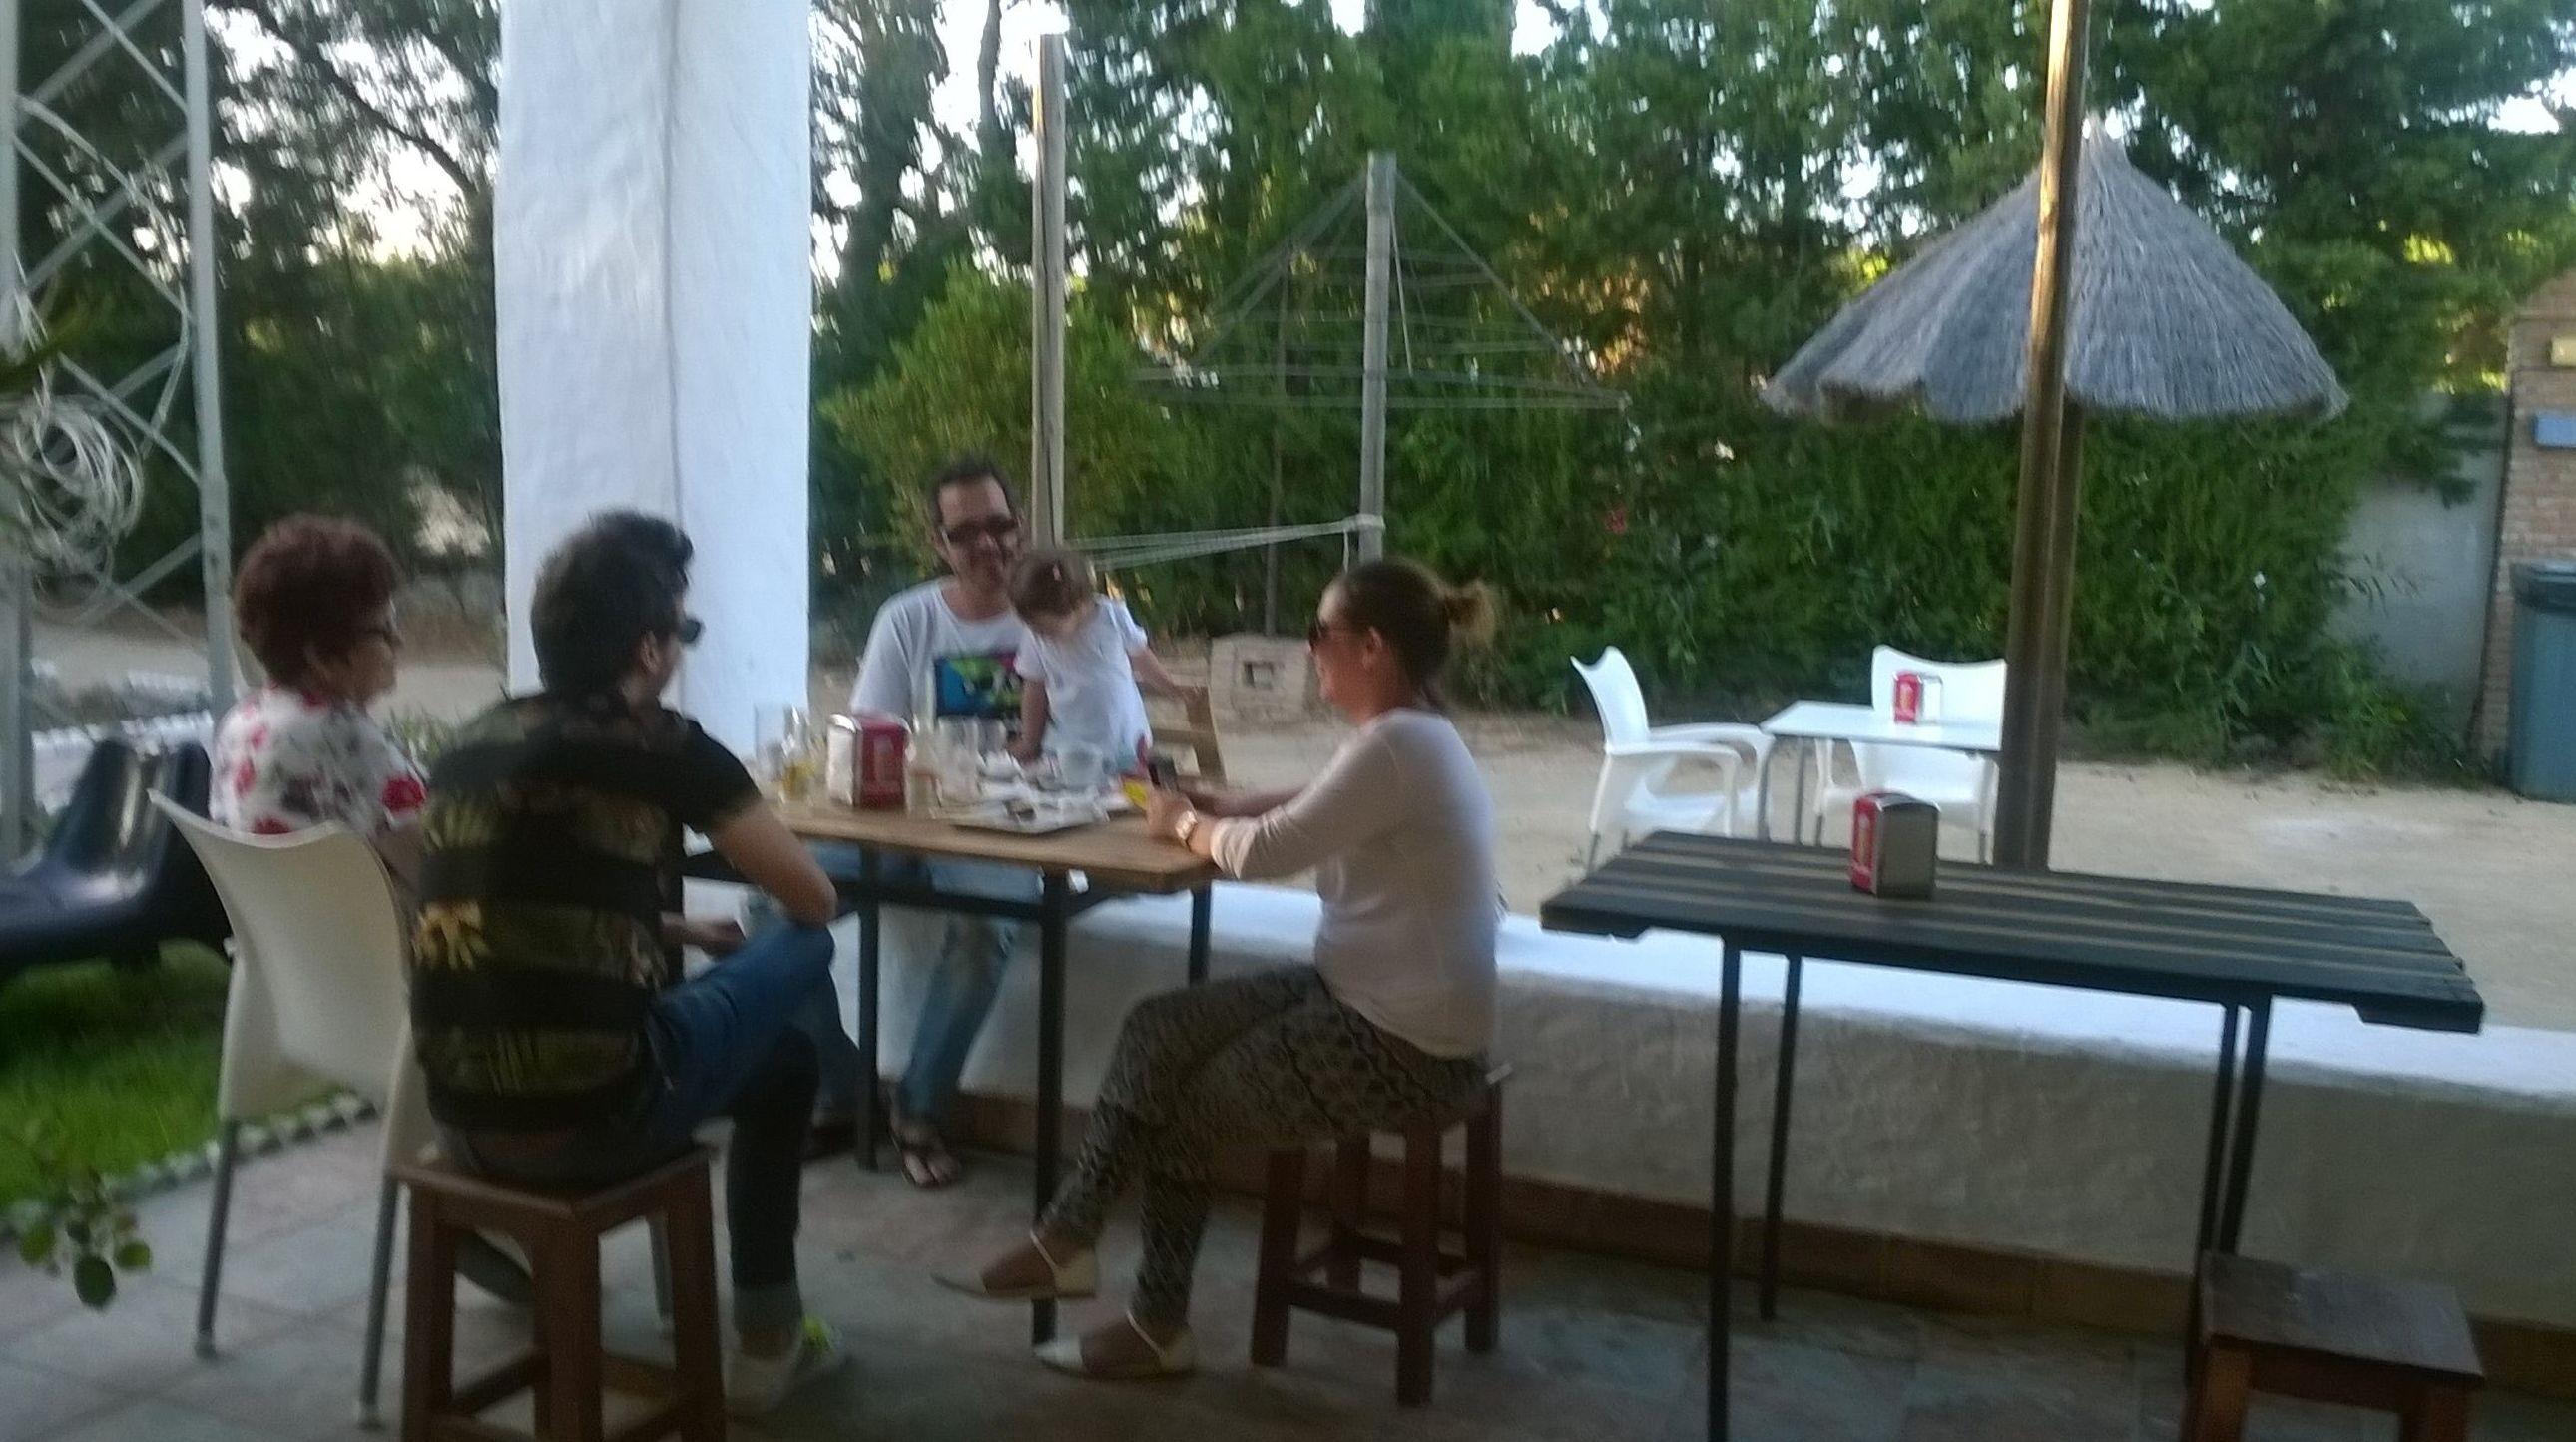 Bar Pizzeria Camping Faro Trafalgar